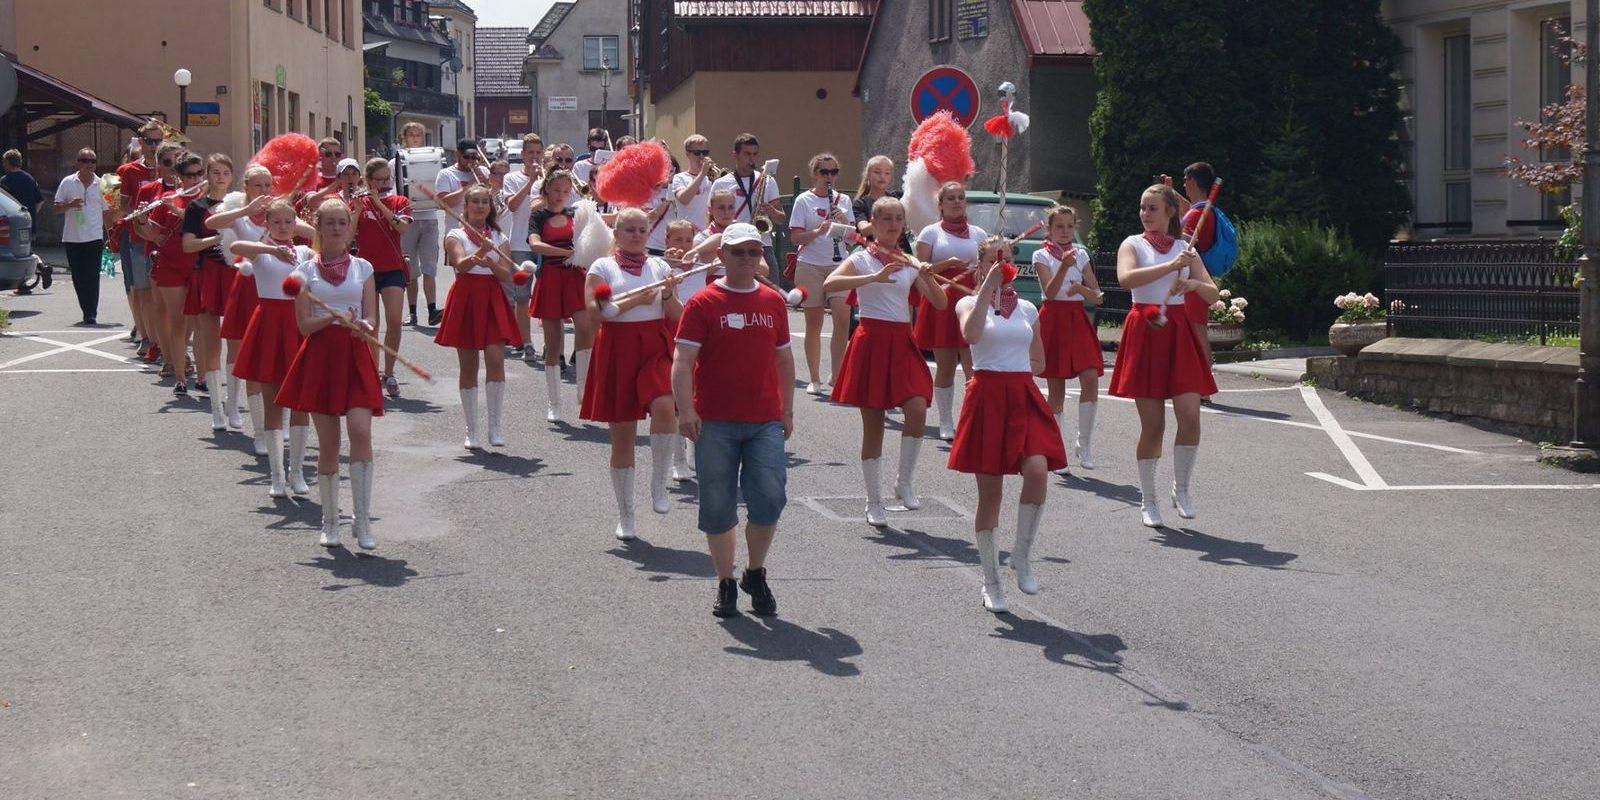 Festiwal orkiestr w Strambergu